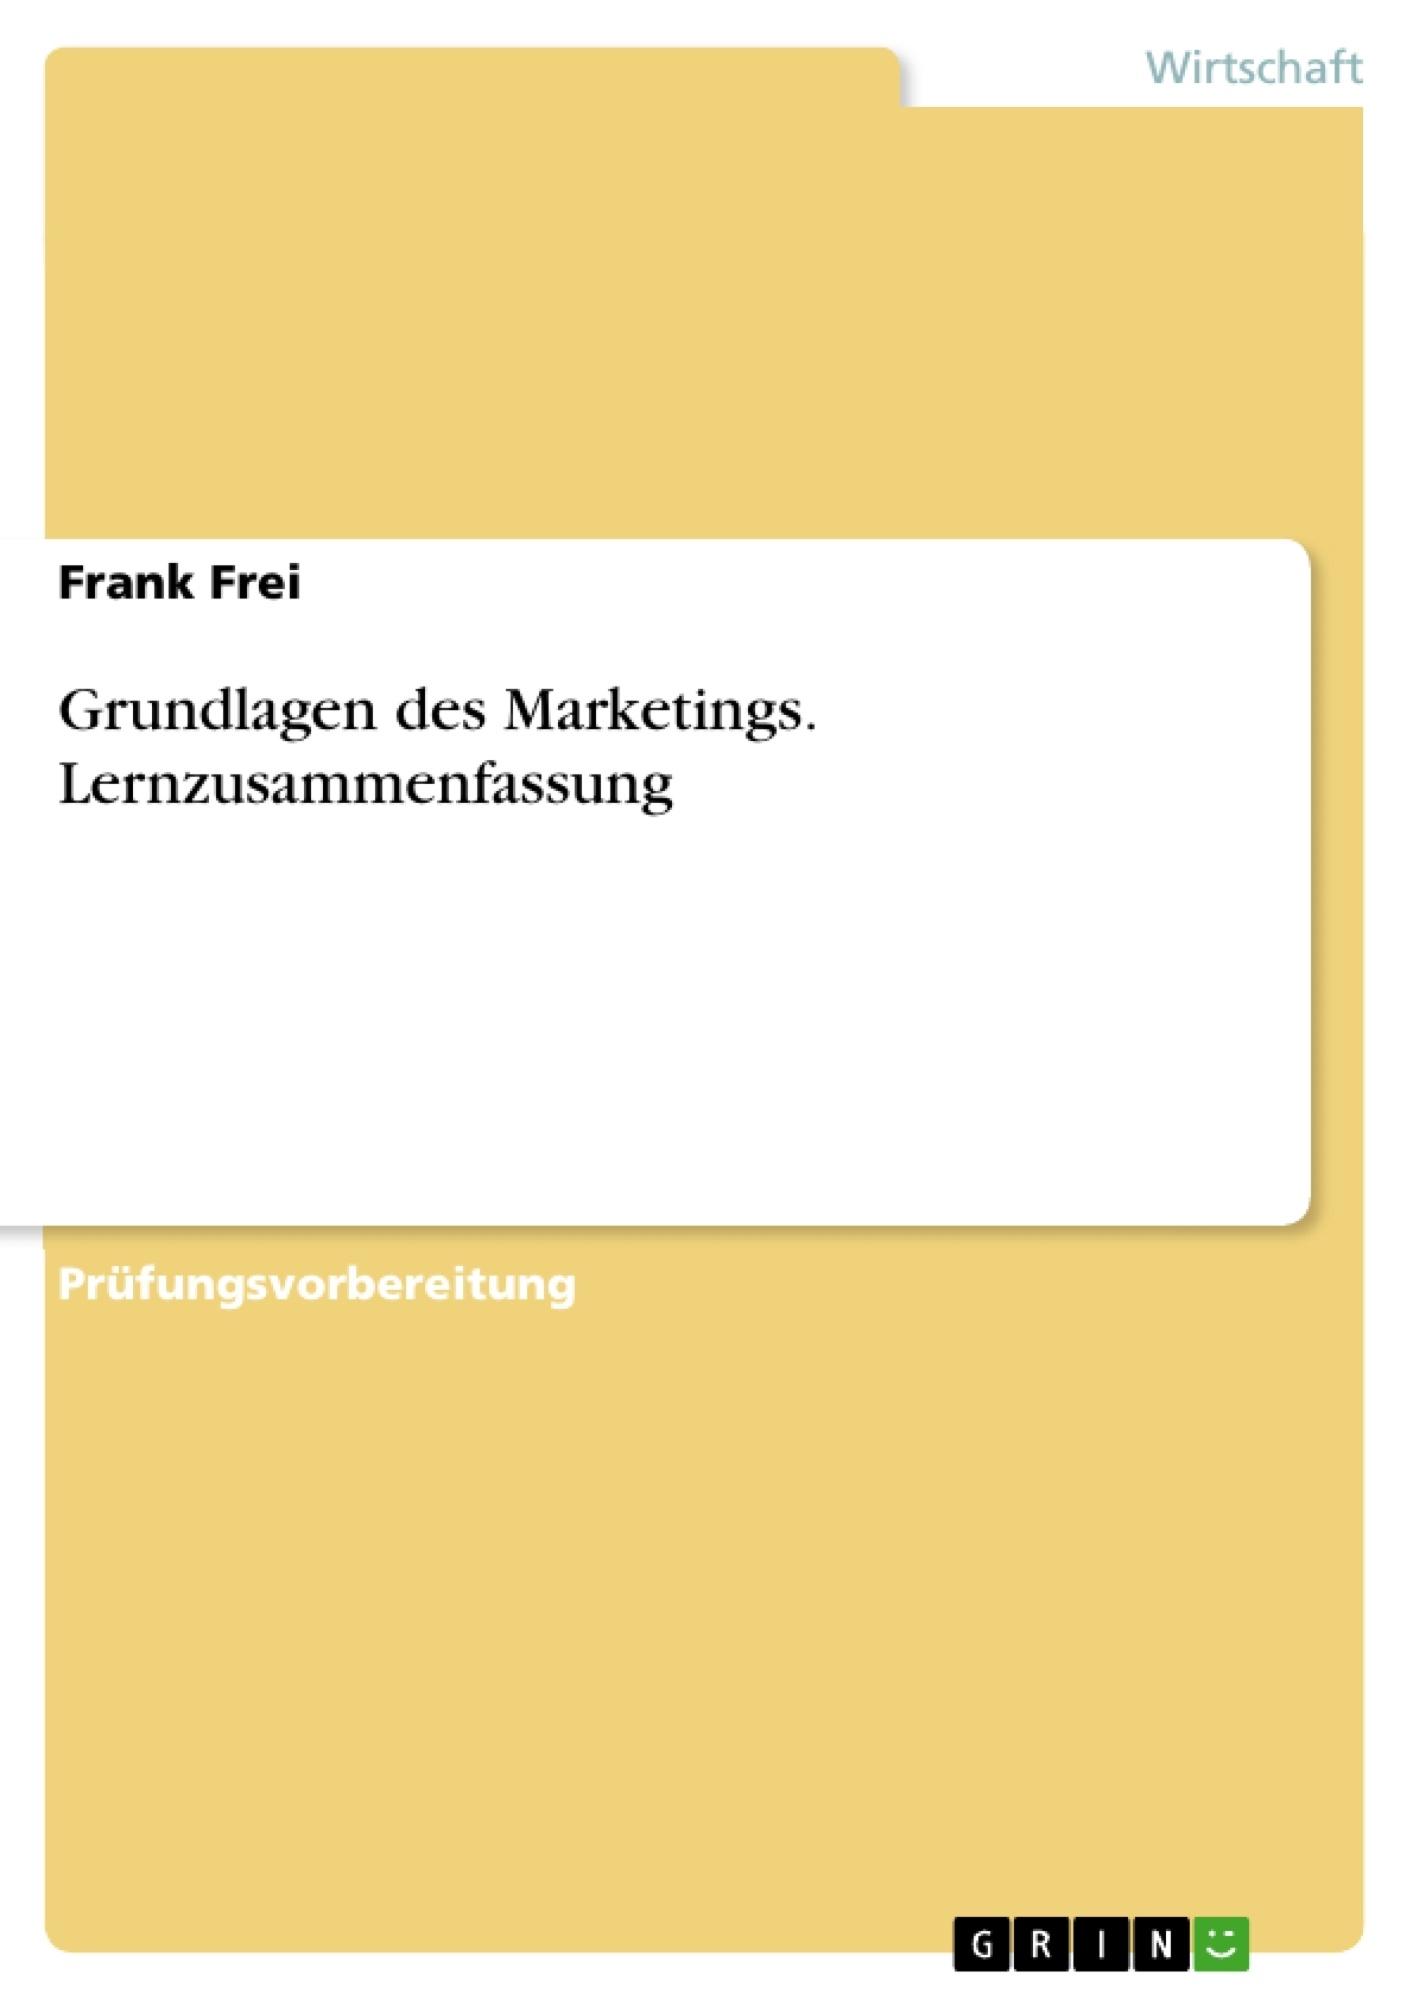 Titel: Grundlagen des Marketings. Lernzusammenfassung